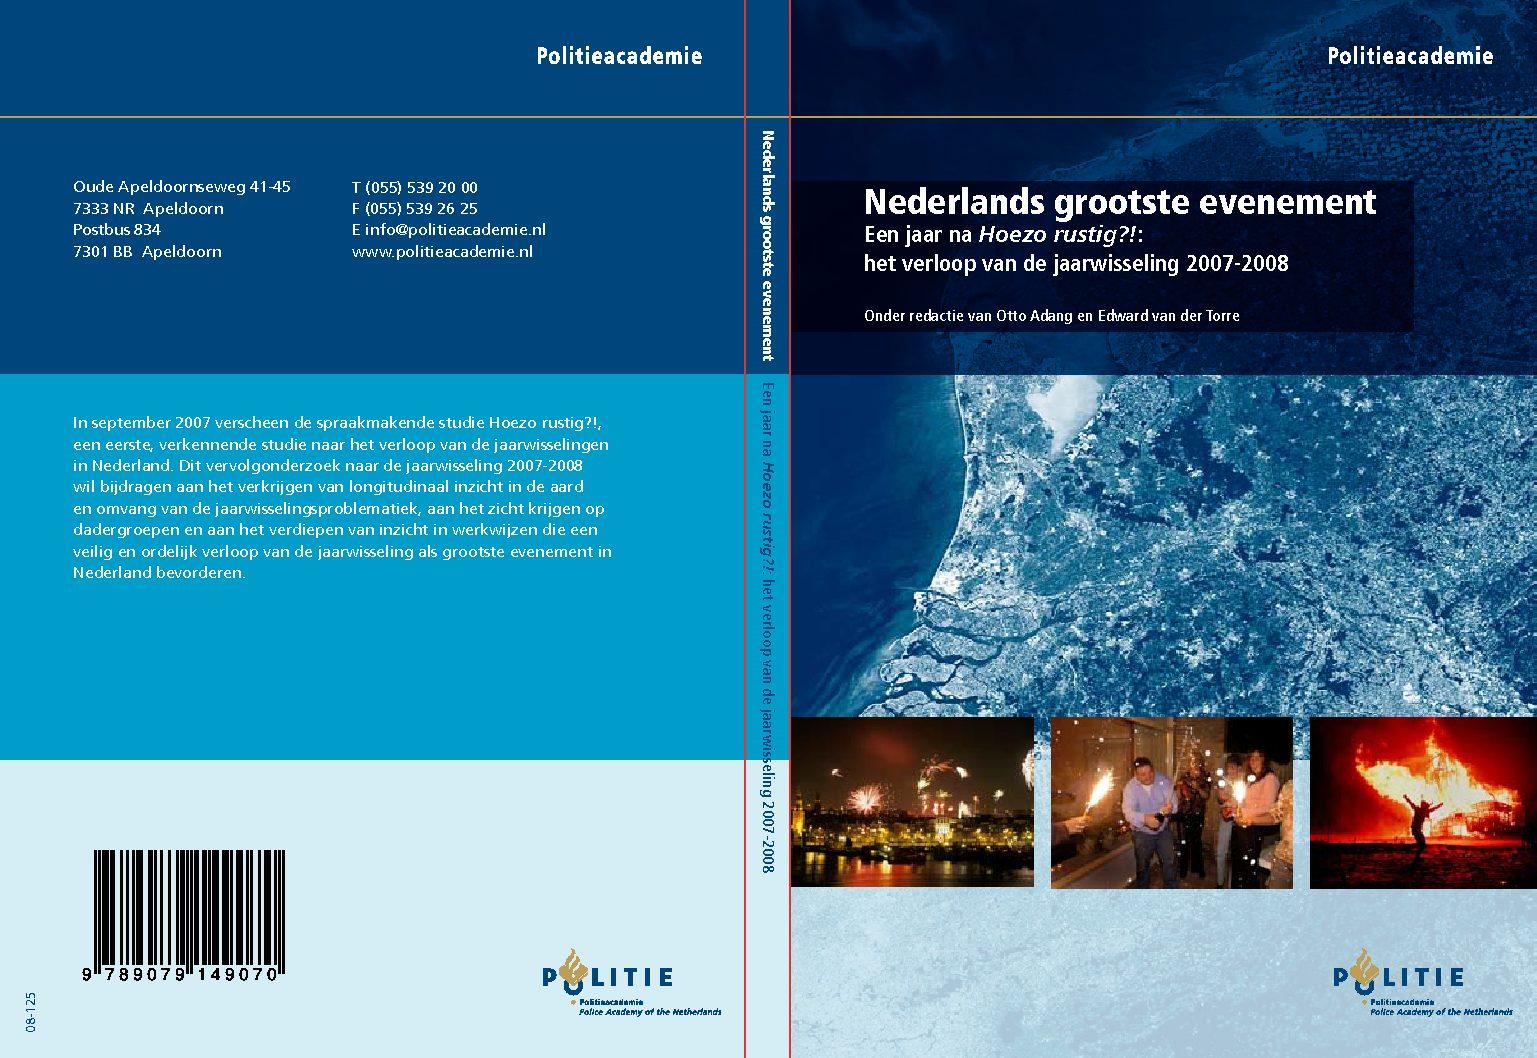 Nederlands grootste evenement. Een jaar na Hoezo rustig!?: het verloop van de jaarwisseling 2007-2008 (met O. Adang e.a.).  Apeldoorn, Politieacademie, 2008.